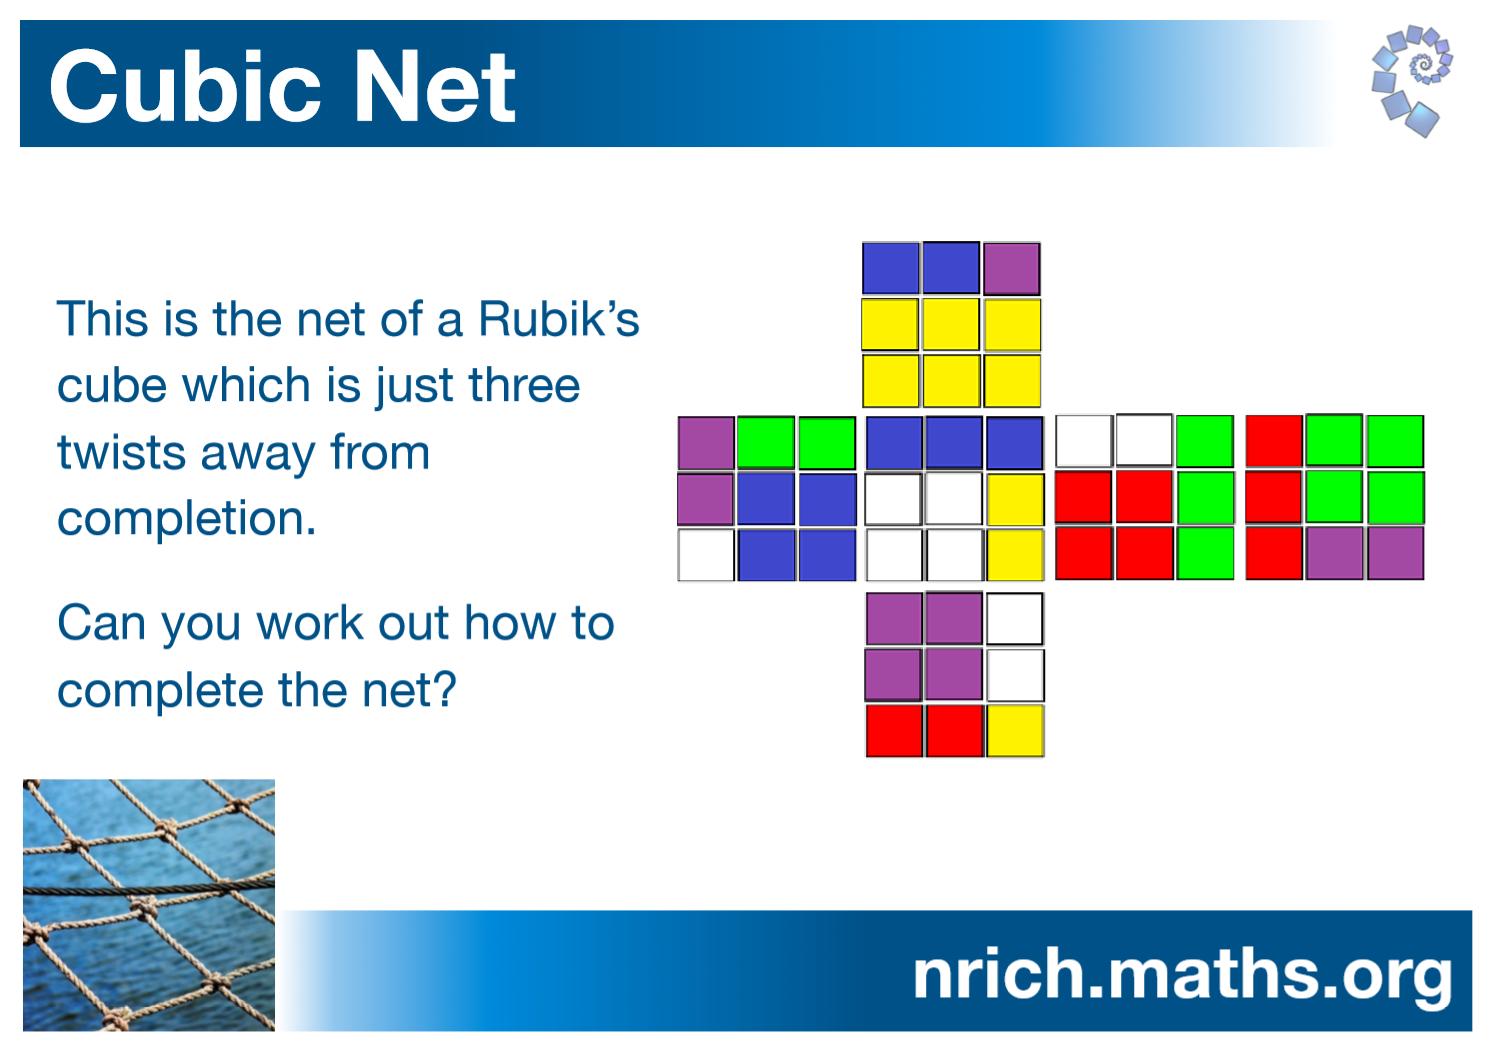 Cubic Net Poster : nrich.maths.org